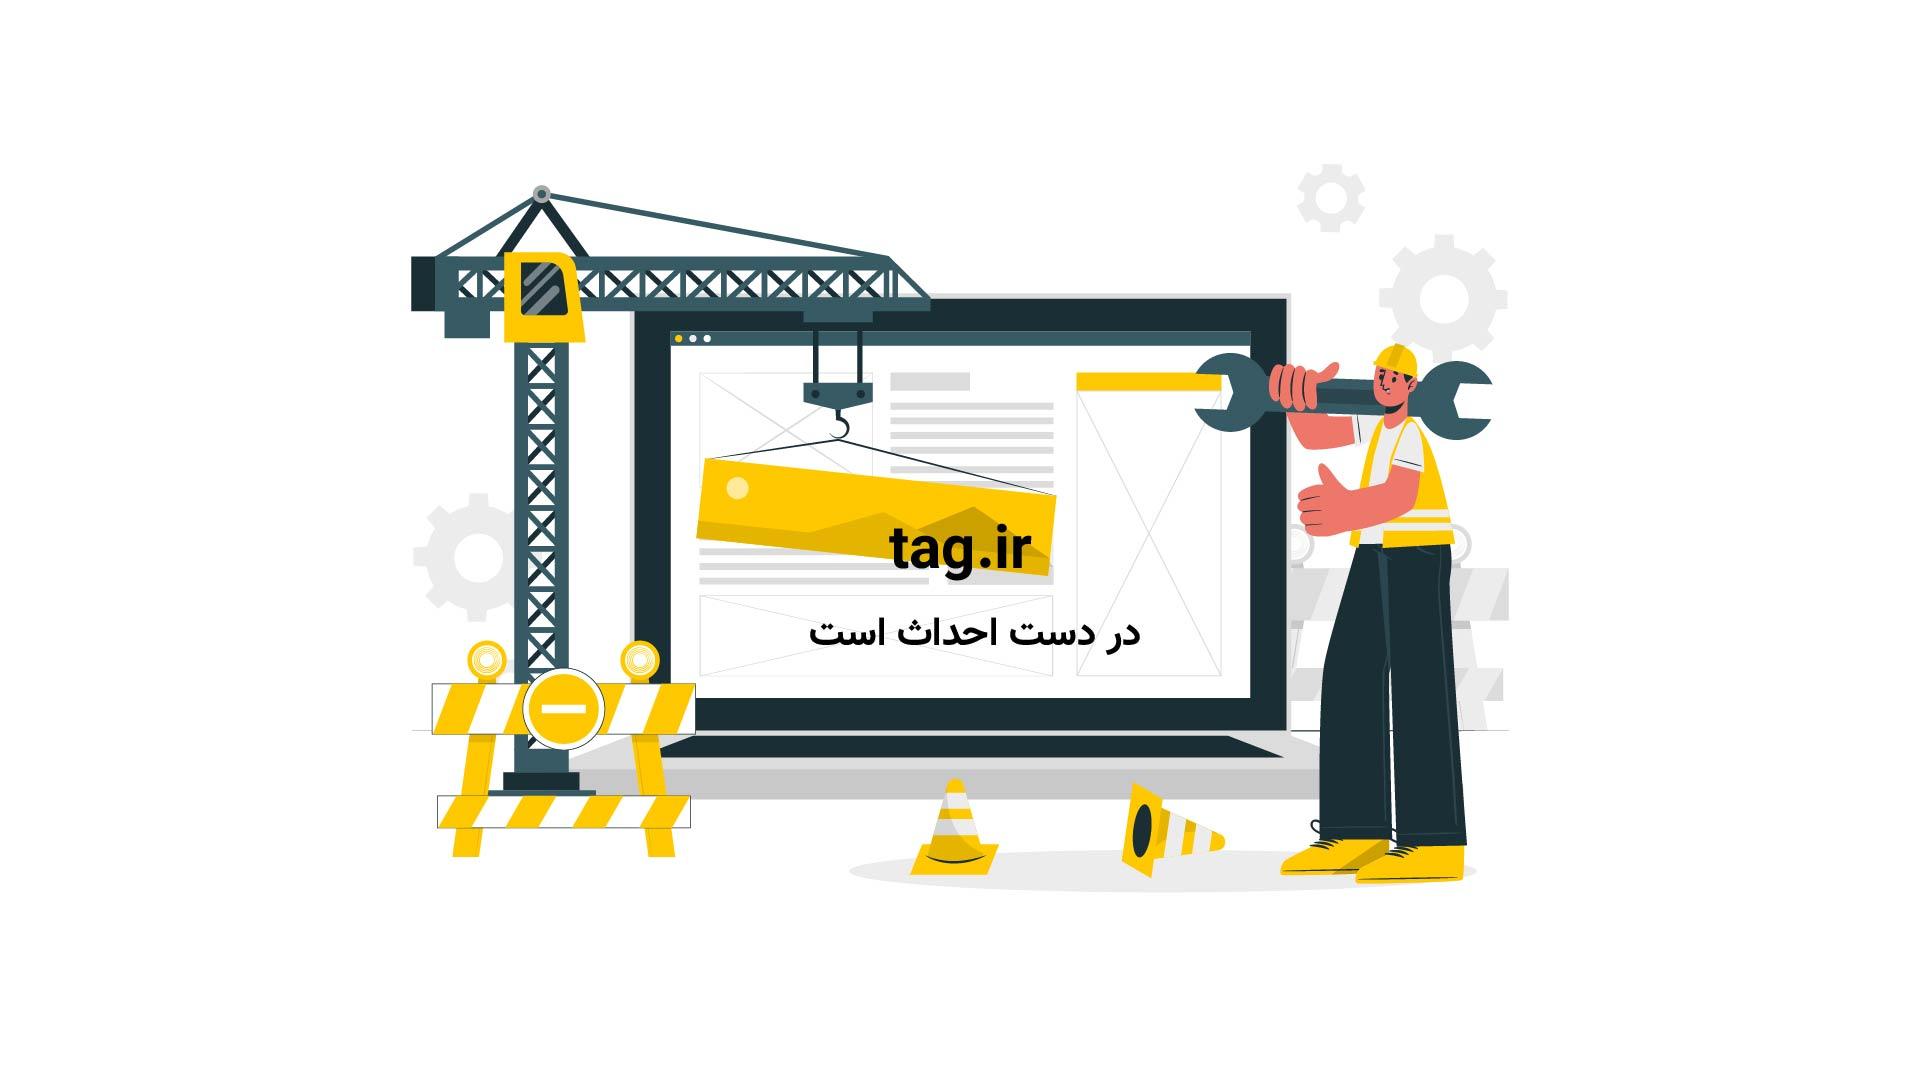 ساعت هوشمند | تگ